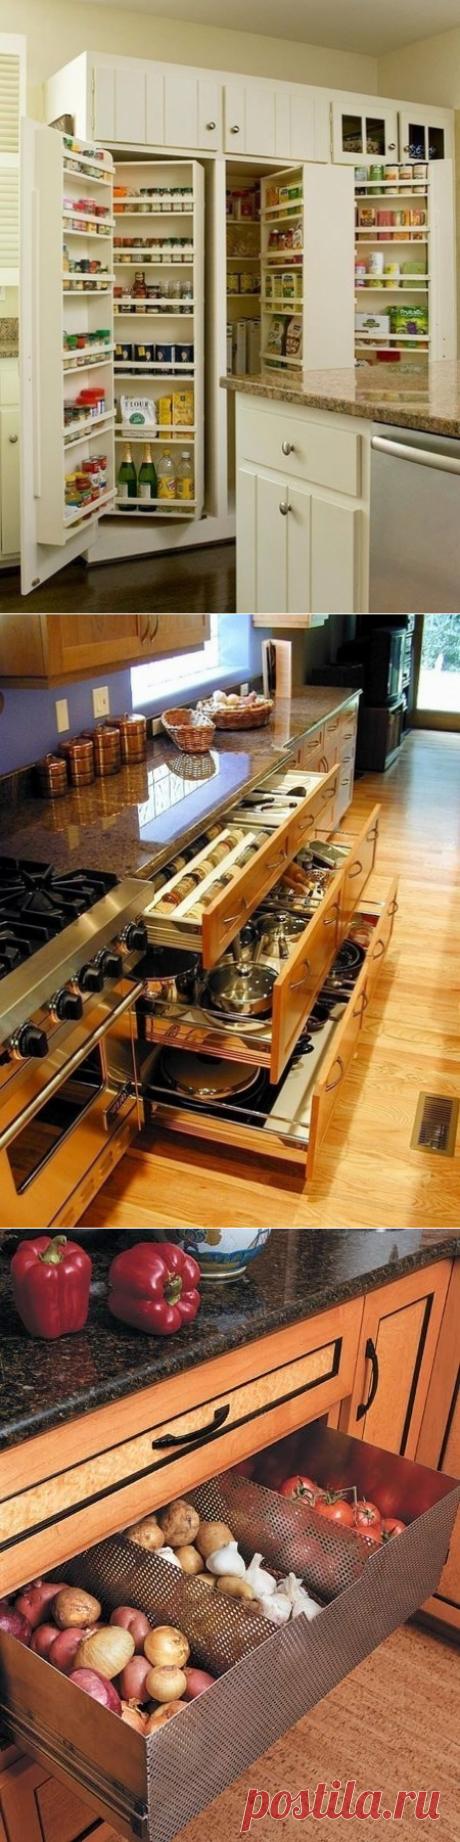 Отличный способ хранения столовых приборов, специй, пряностей, овощей и прочих предметов на кухне - Дизайн интерьеров | Идеи вашего дома | Lodgers